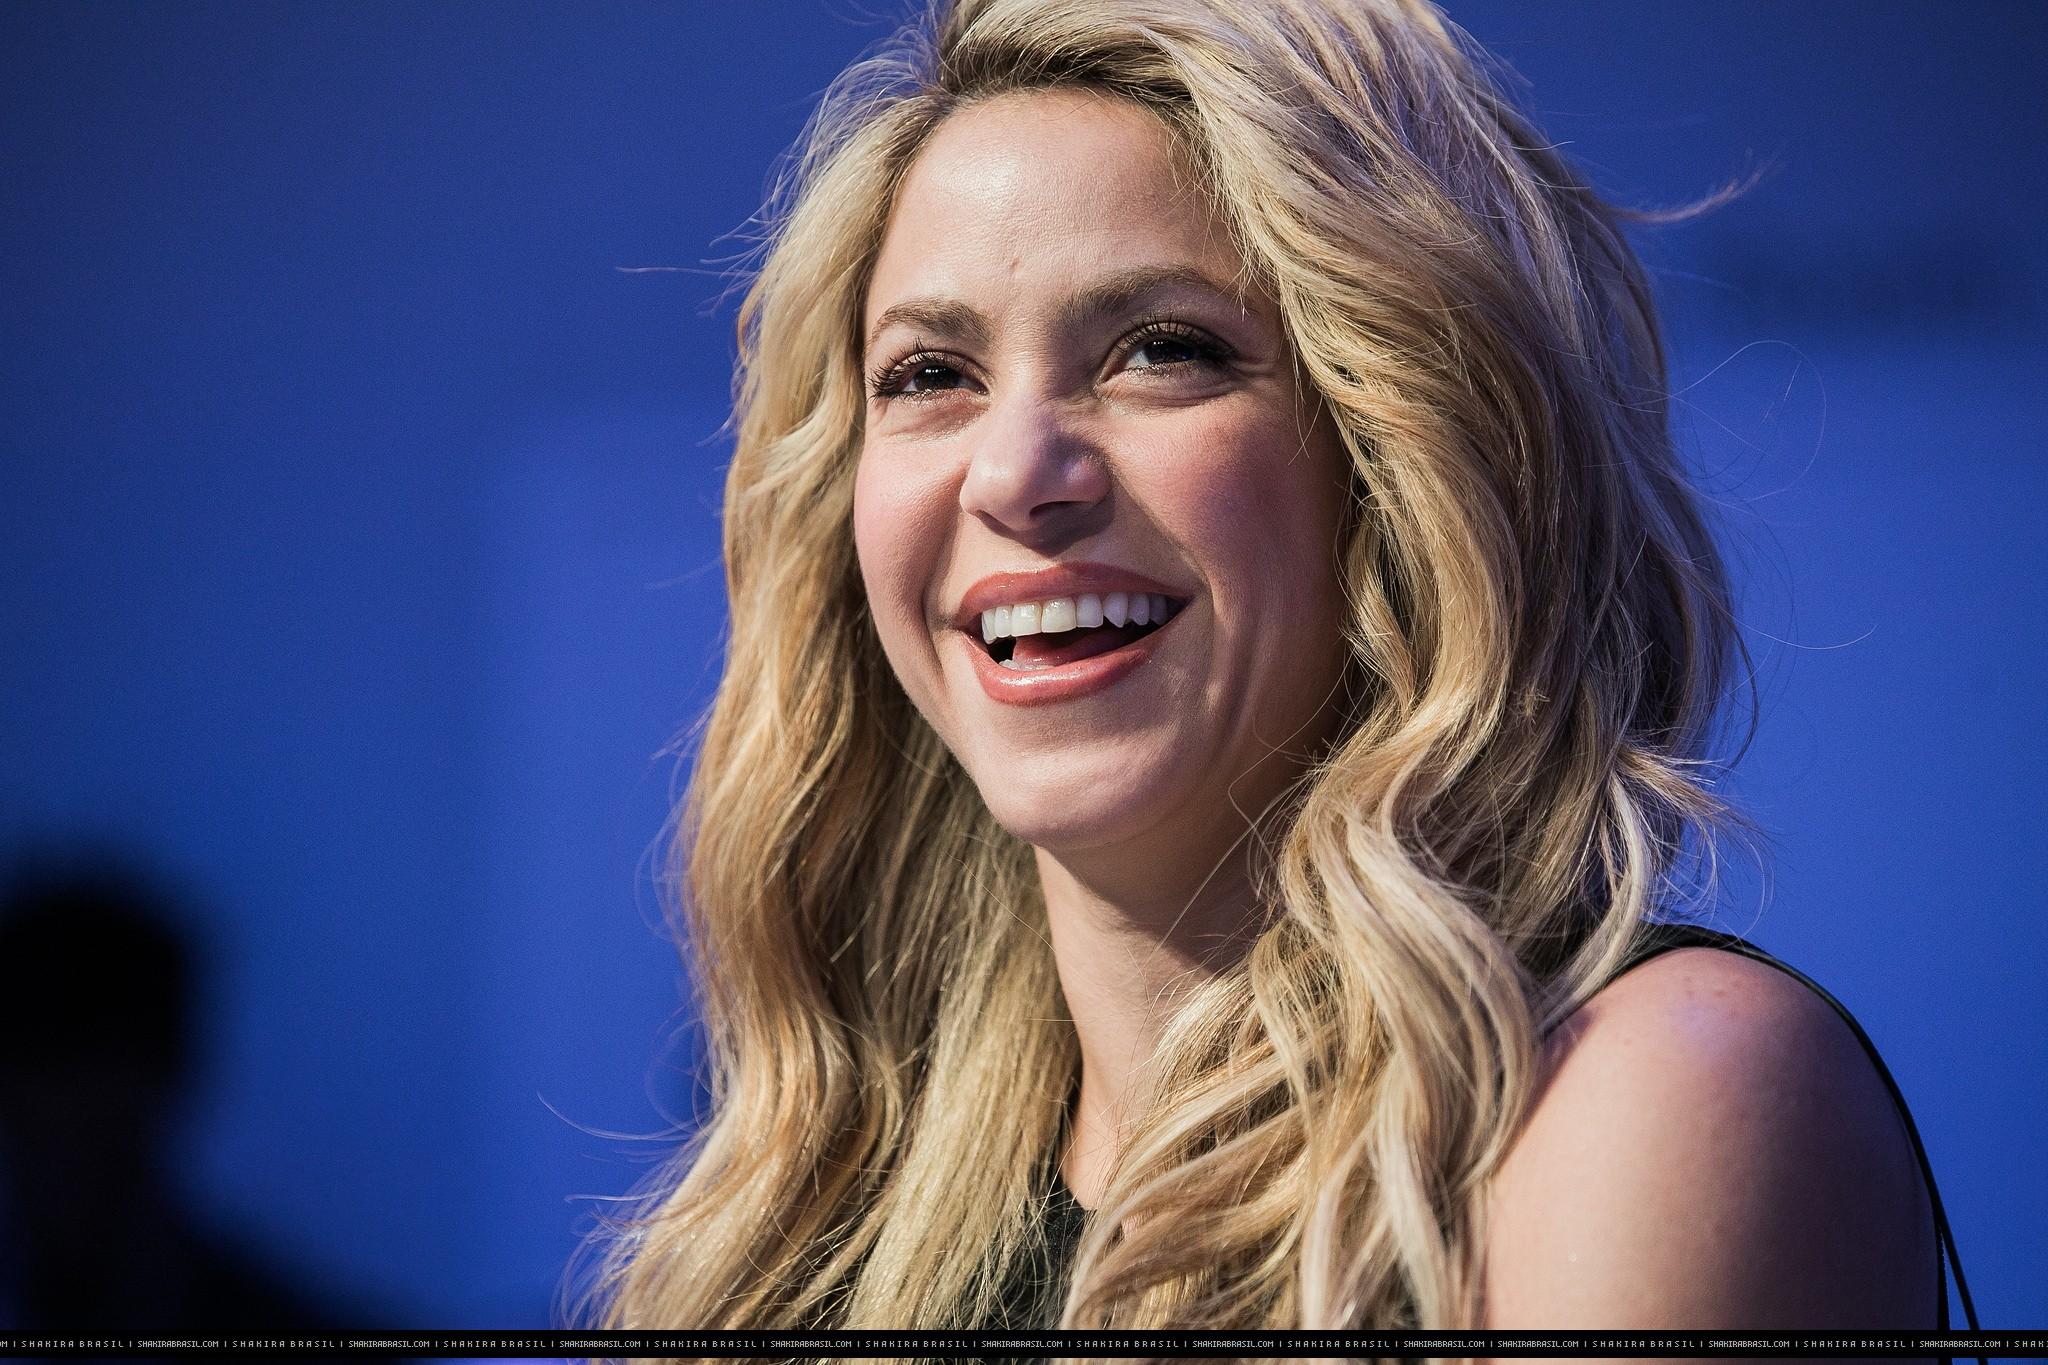 Shakira participa do Fórum Econômico Mundial  (Foto: Reprodução)